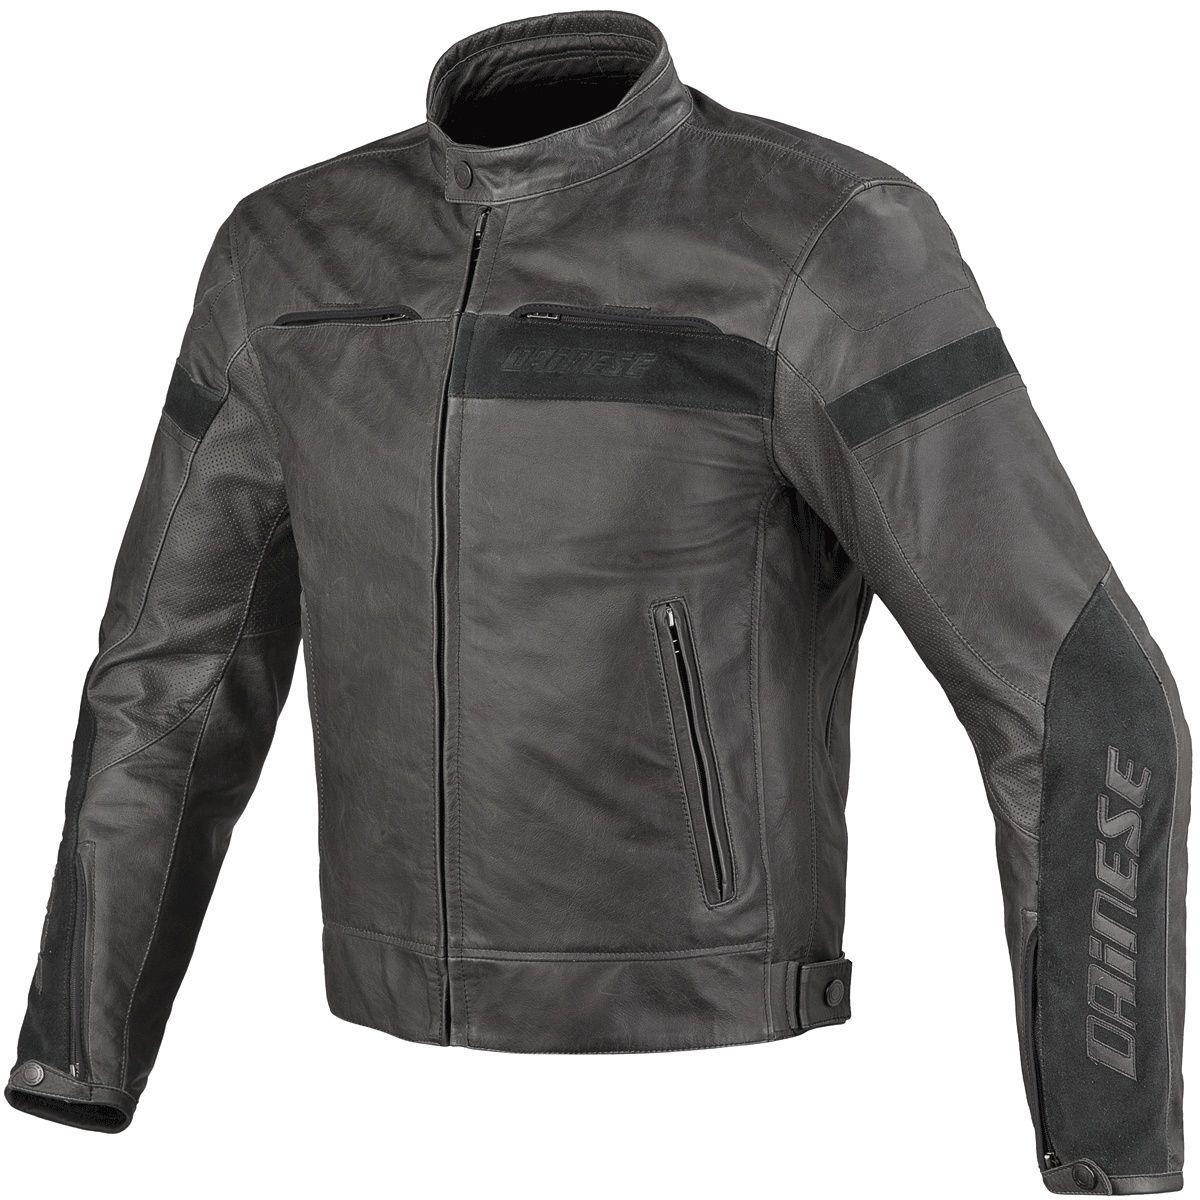 1009 Road motorcycle Jackets · Motocard. Motorbike JacketsEvoMotorbikesLeather  JacketsBobbersStripesMotorcycle JacketsMotorcyclesBiking. Jacket DAINESE ...